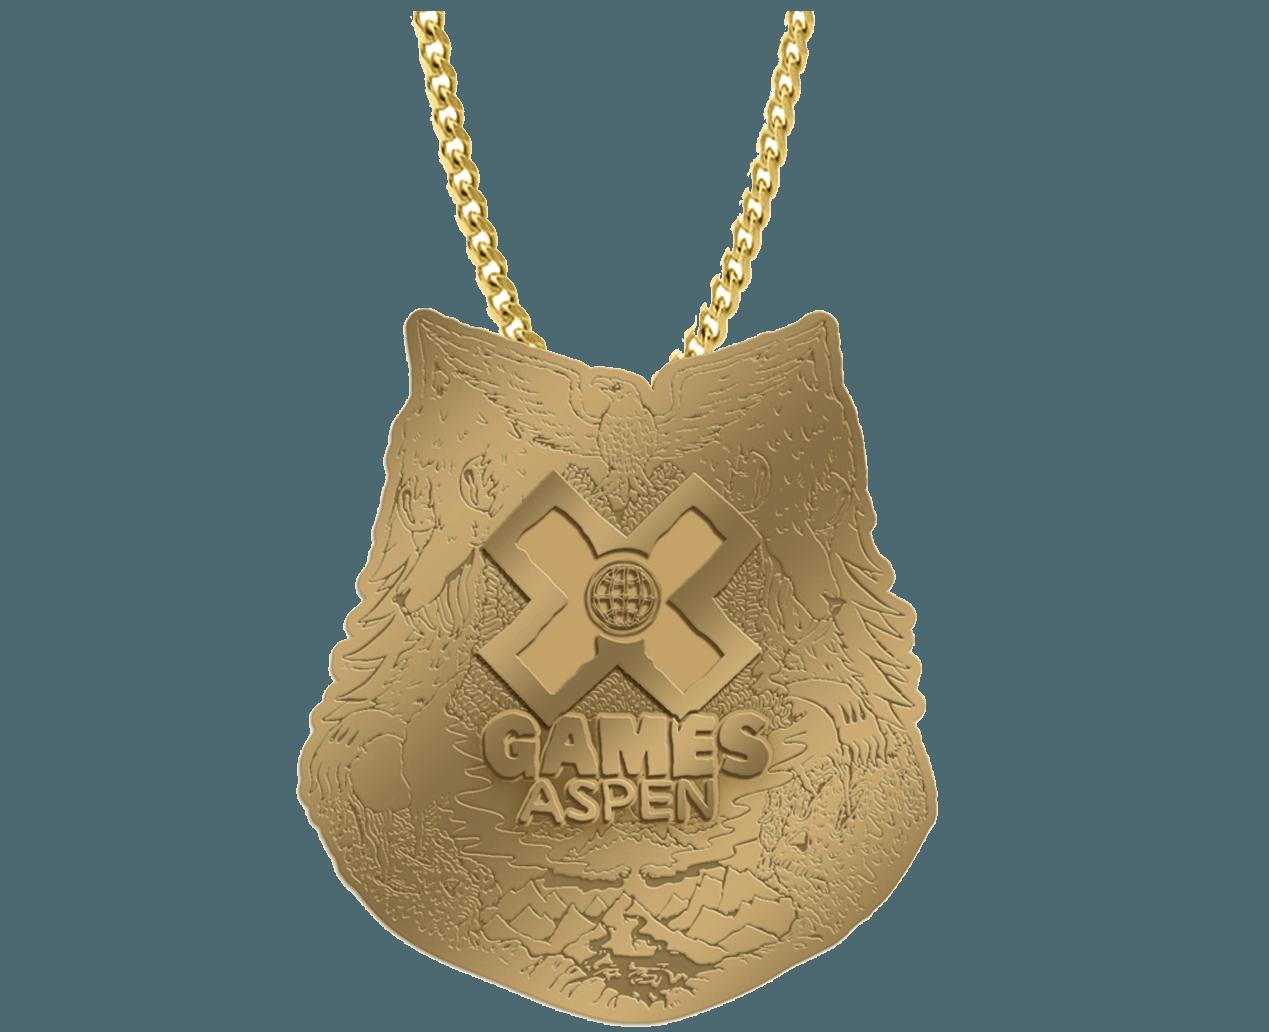 X Games Aspen 2019 messages sticker-5